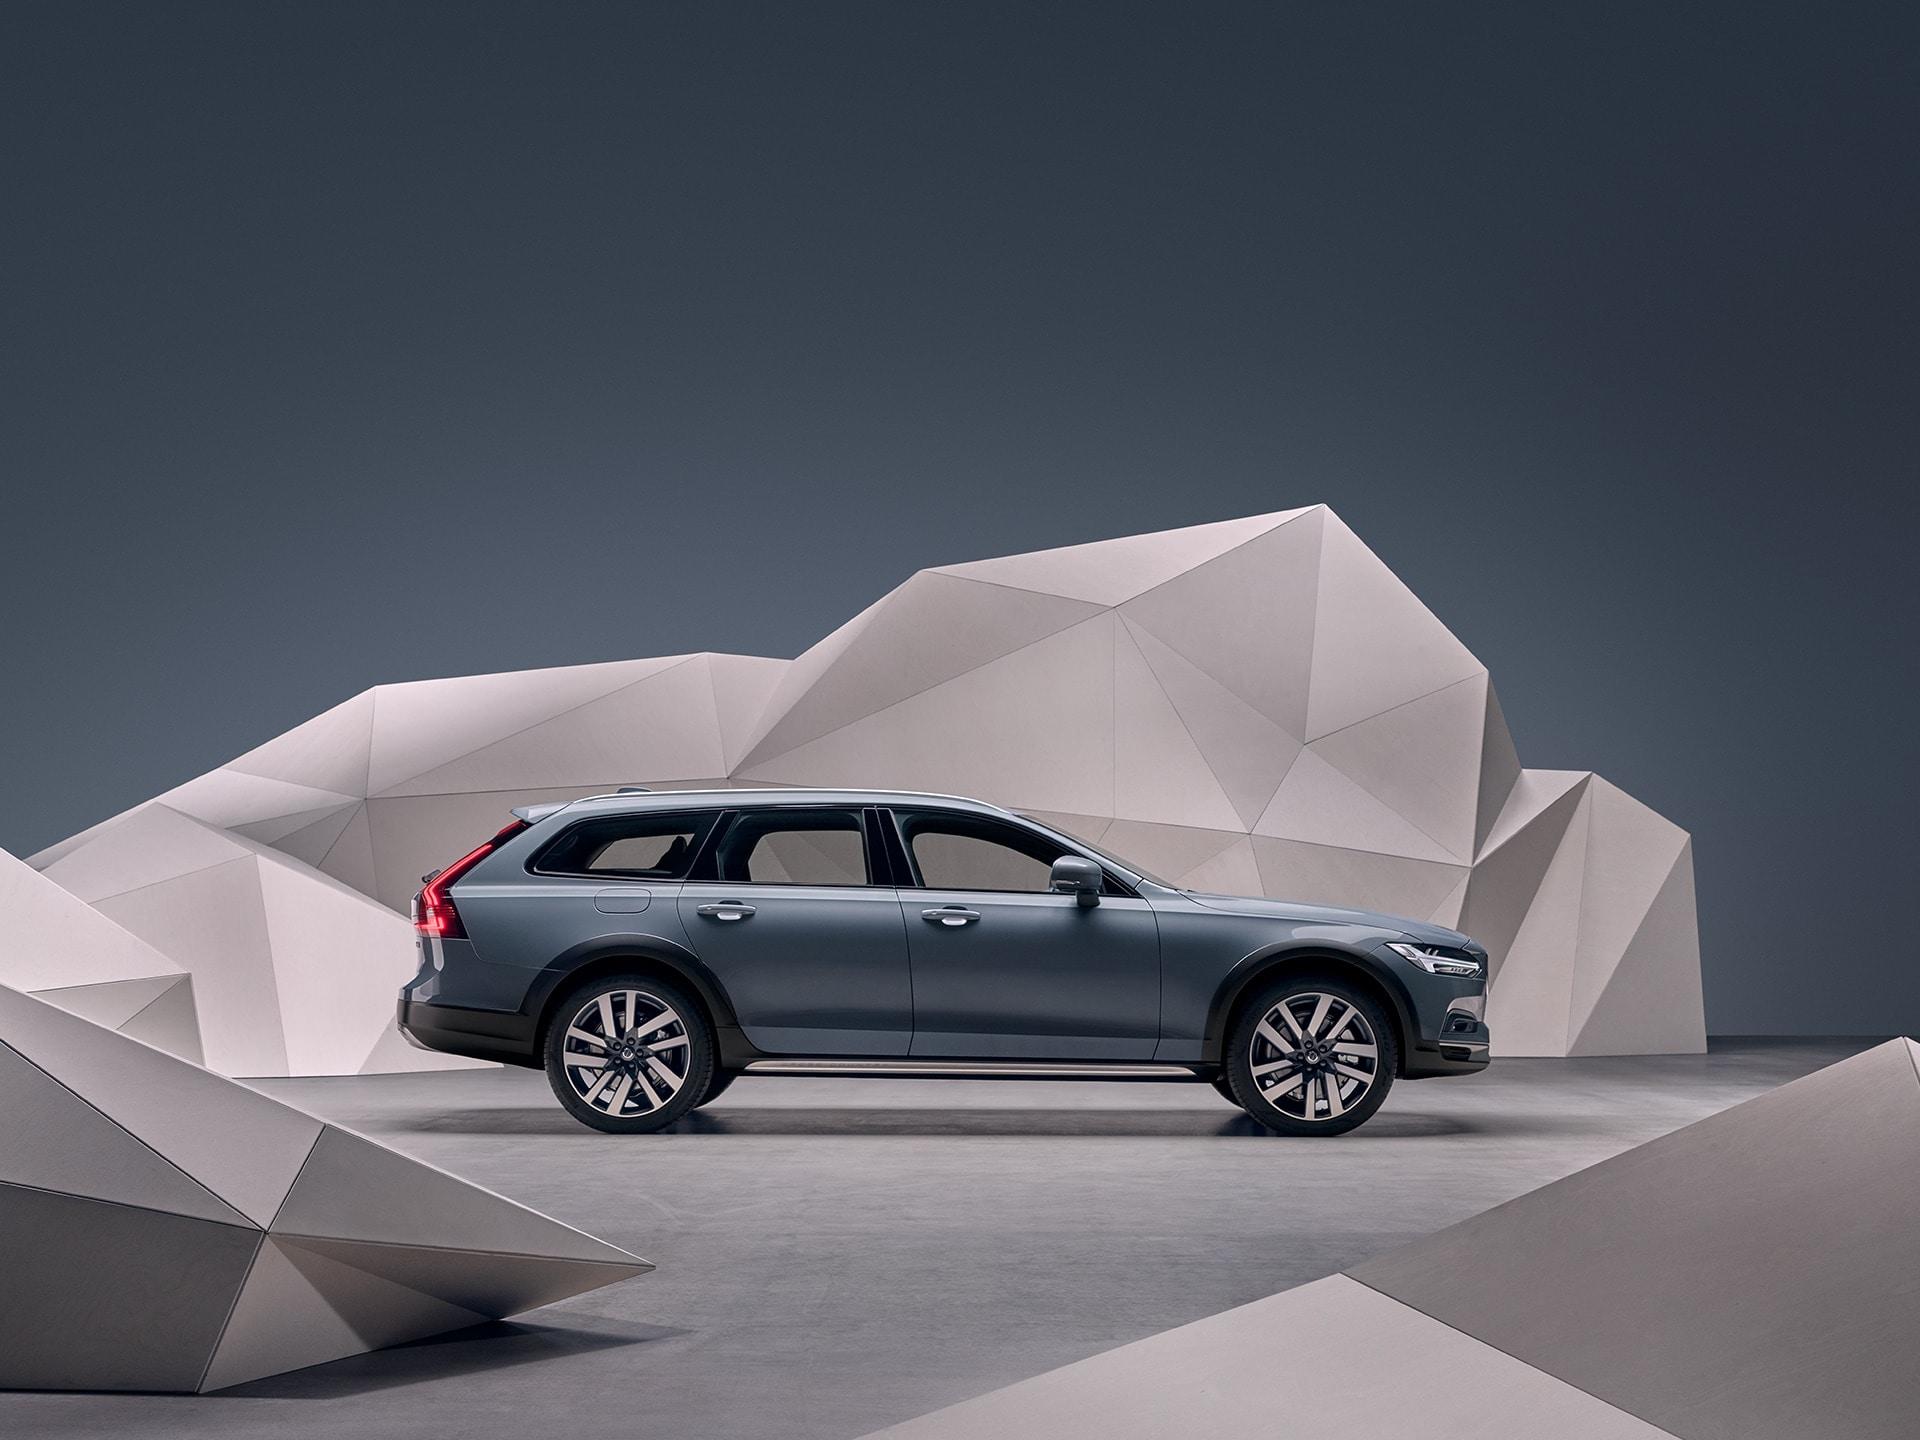 Ein Volvo V90 Cross Country in Metallic Blau steht vor einer künstlerisch gestalteten Wand.